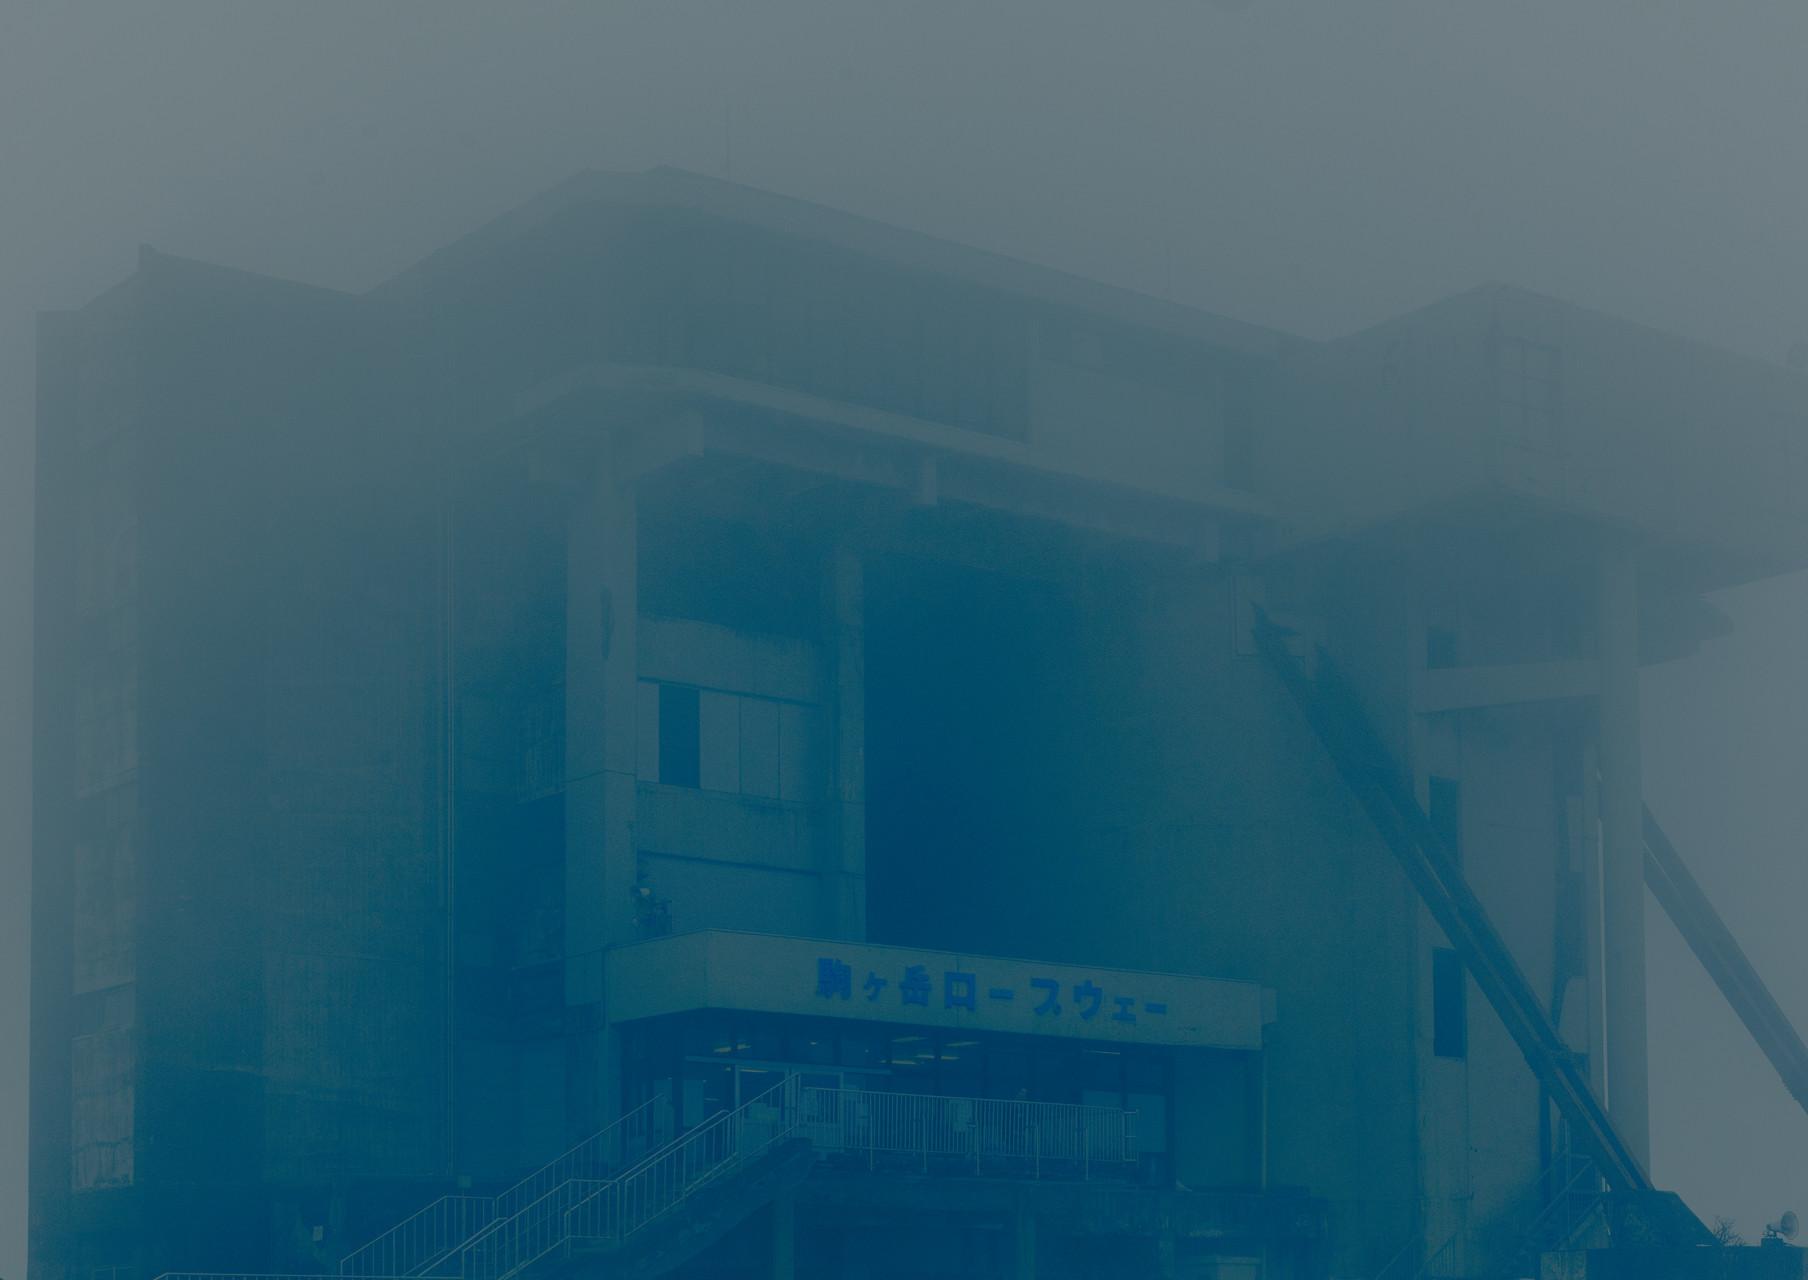 STREET-PHOTOGRAPHY-24-JUANMI-MARQUEZ-1761x1280-1761x1280